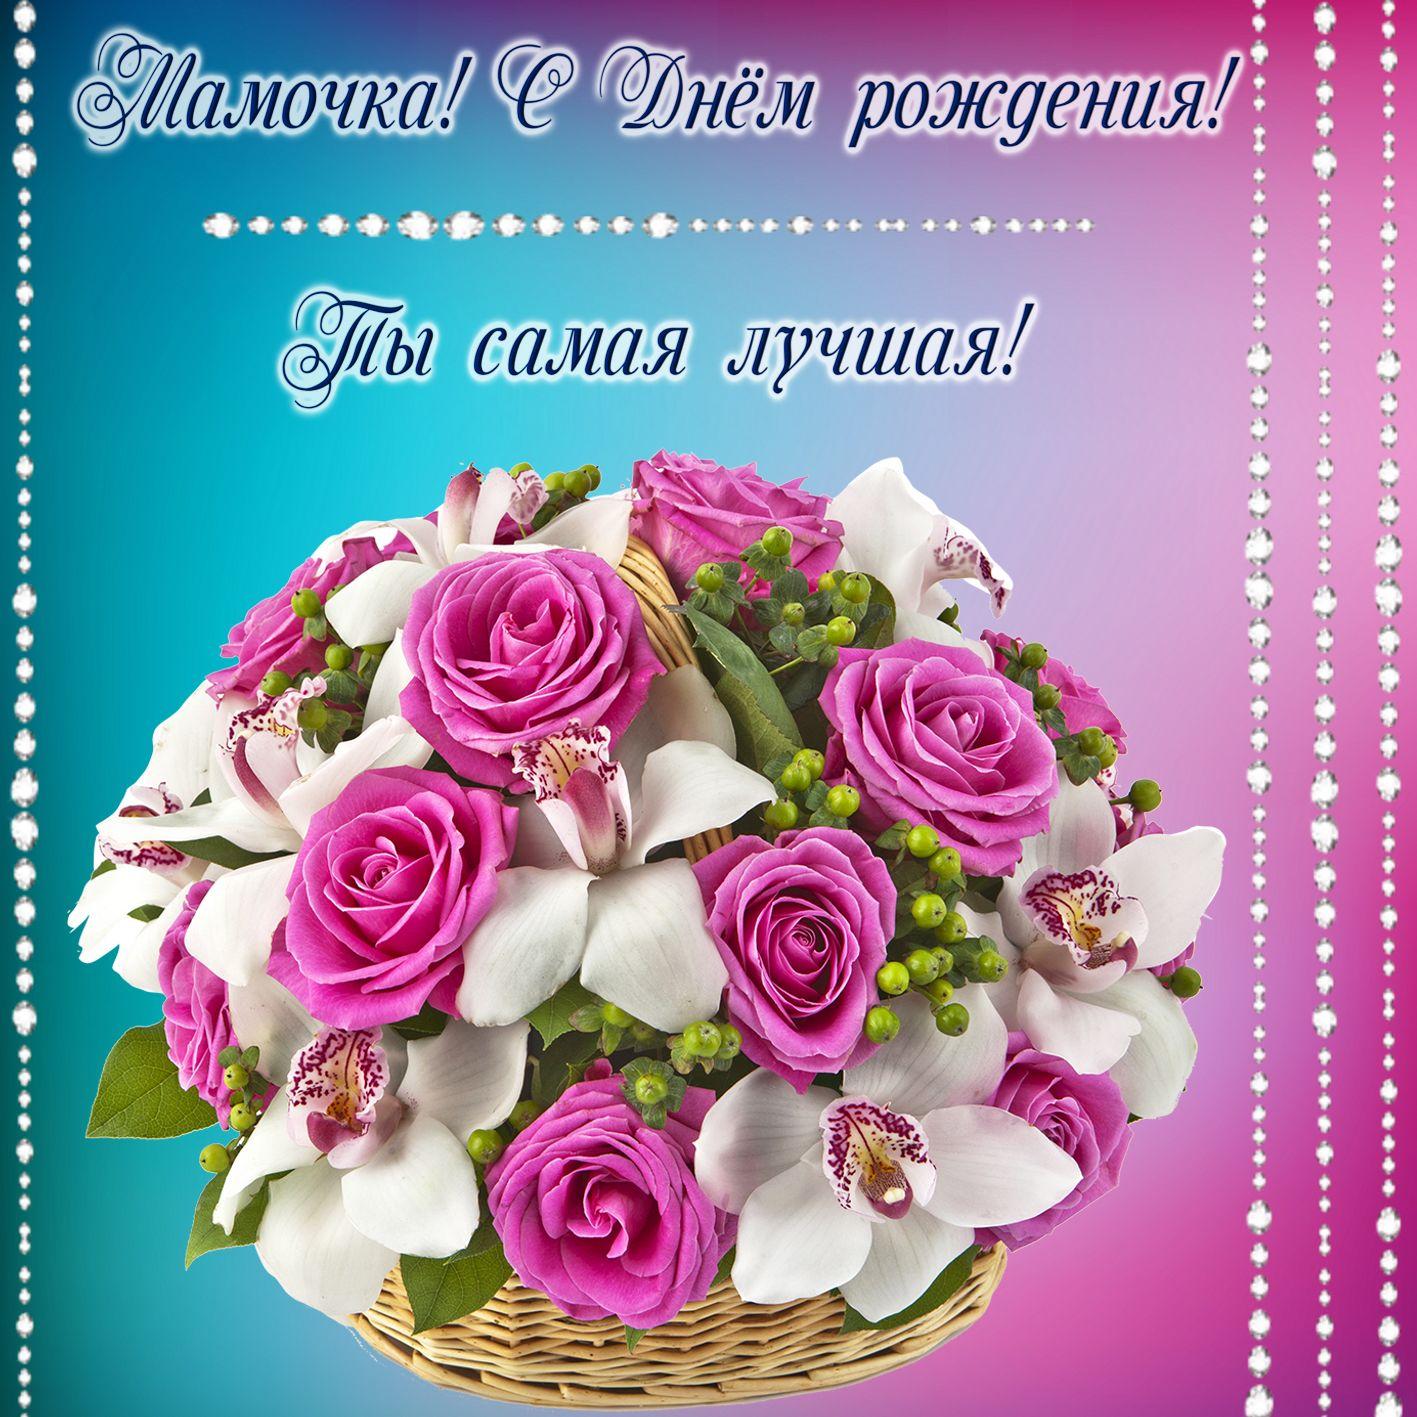 Открытка с Днём рождения - букет цветов в корзинке для мамочки